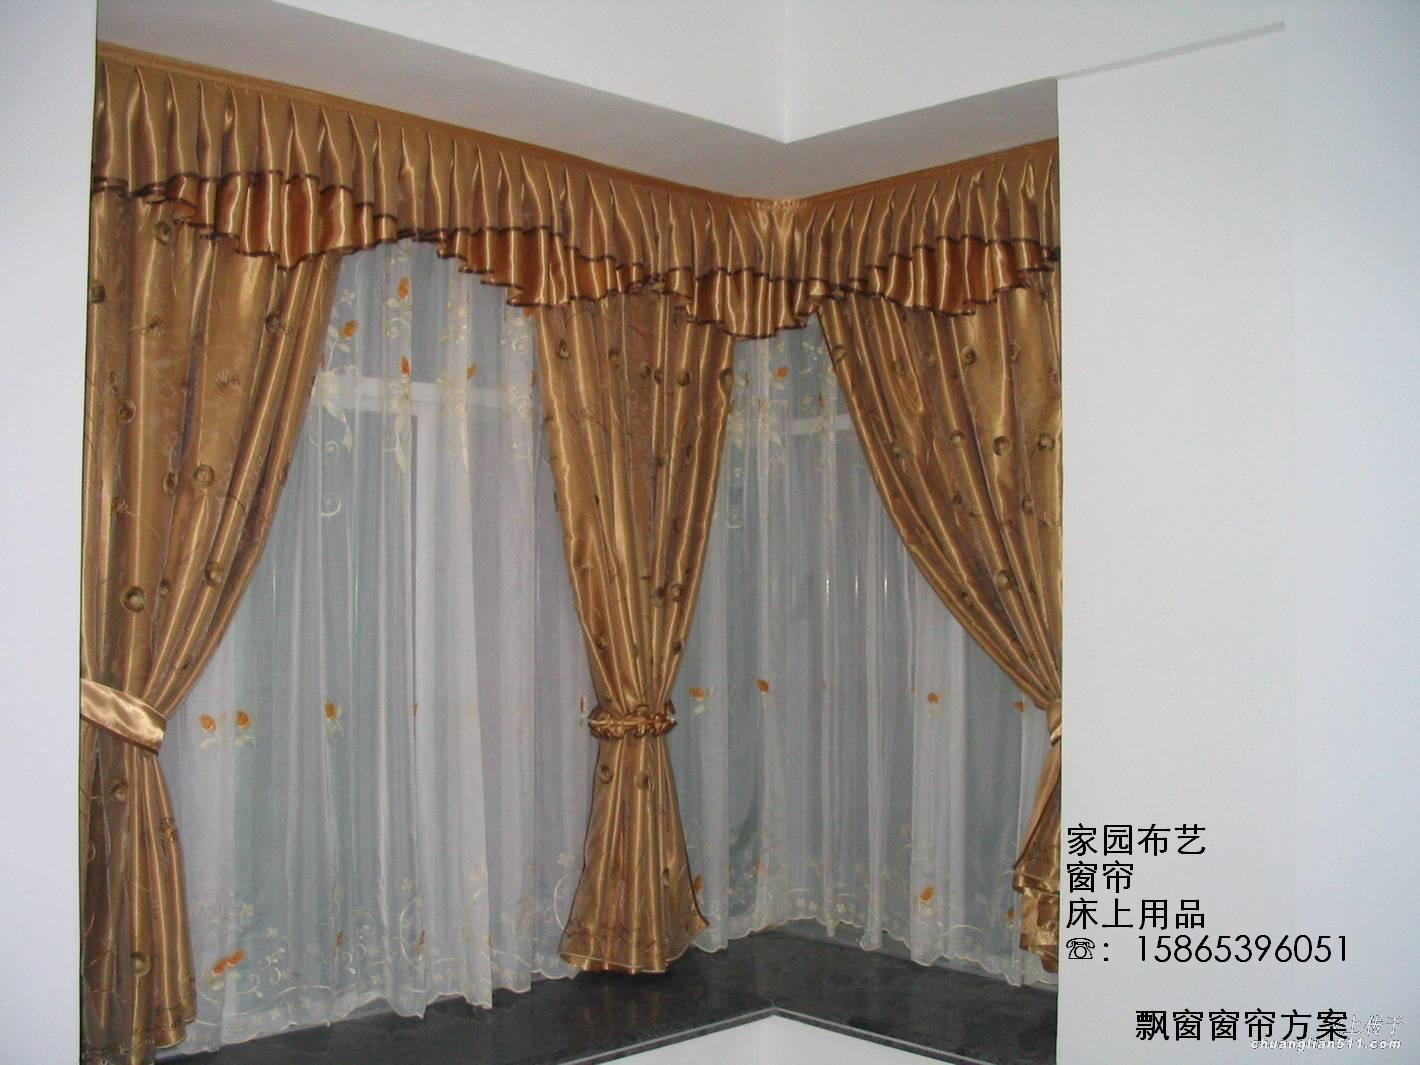 窗帘罗马杠安装方法_窗帘三联式安装方法?_百度知道